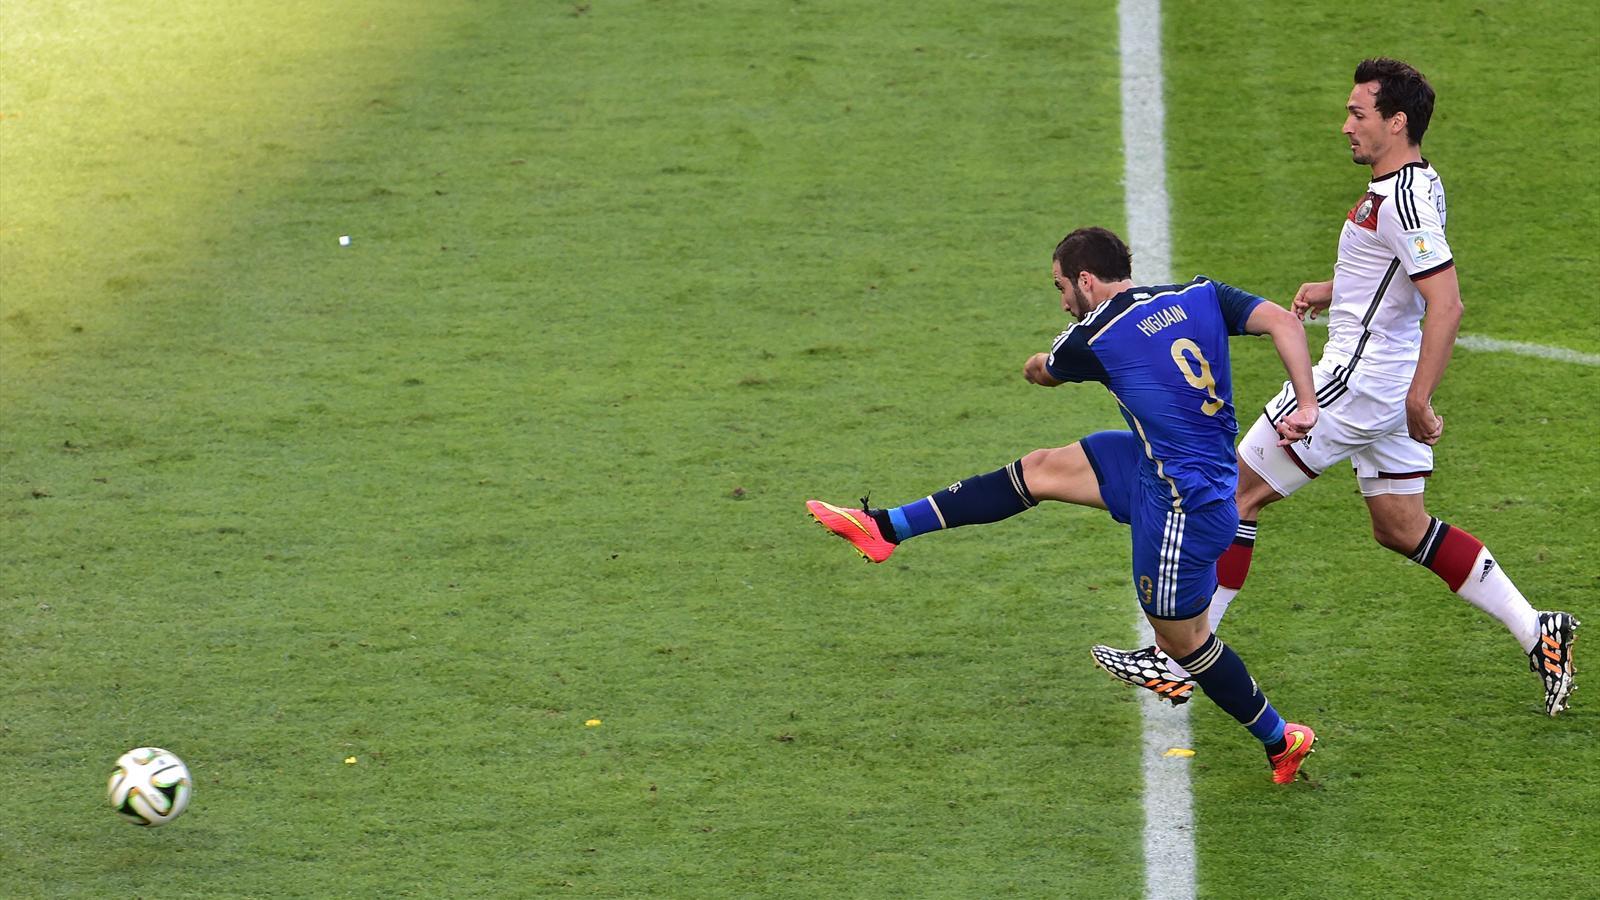 Gonzalo Higuain a pris l'avantage sur la défense allemande, mais il ne trouvera pas le cadre de Manuel Neuer.